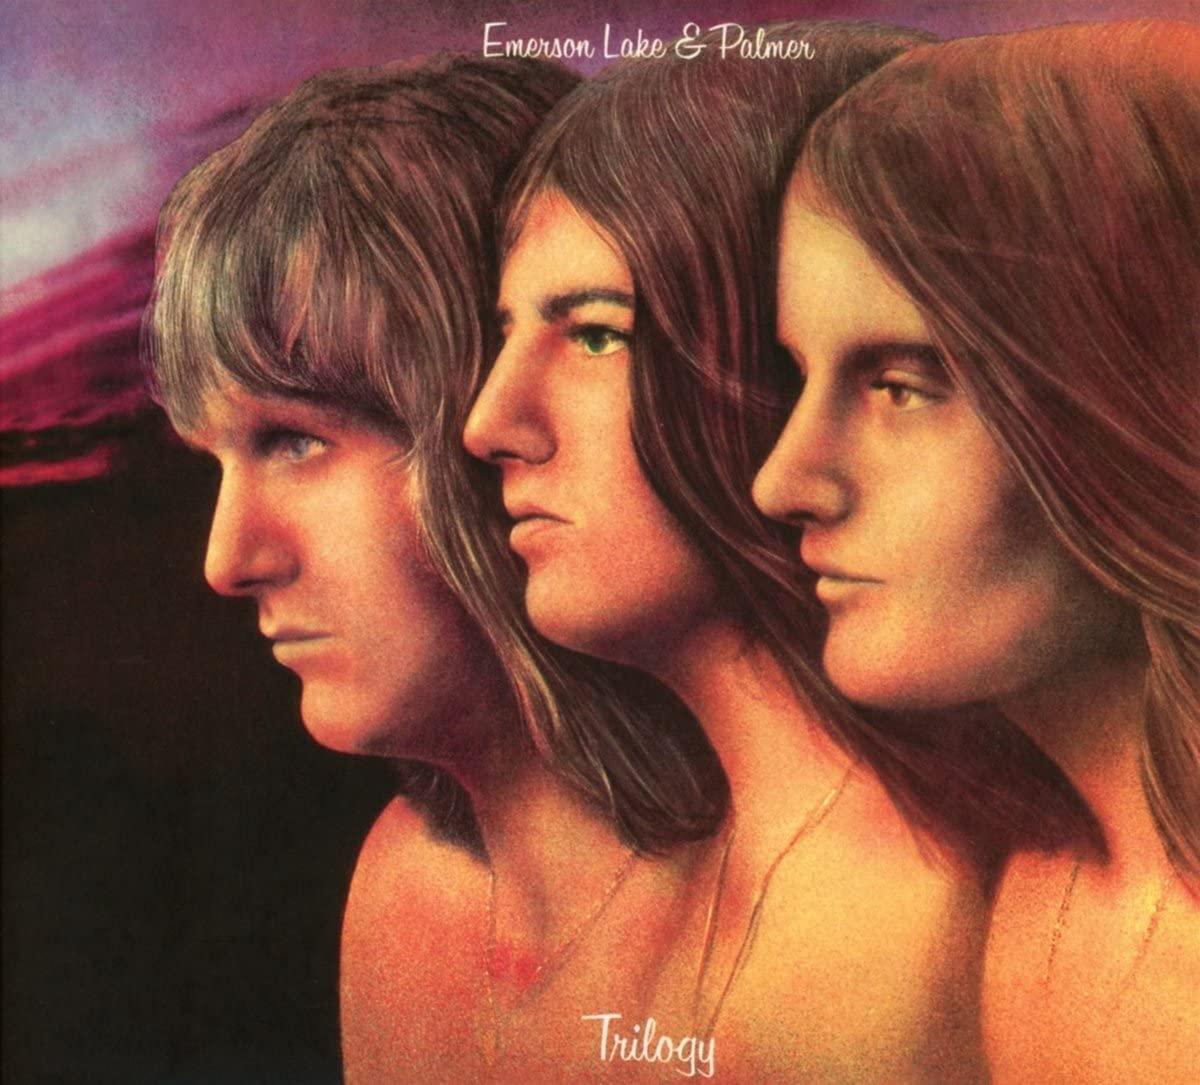 Emerson, Lake & Palmer Trilogy